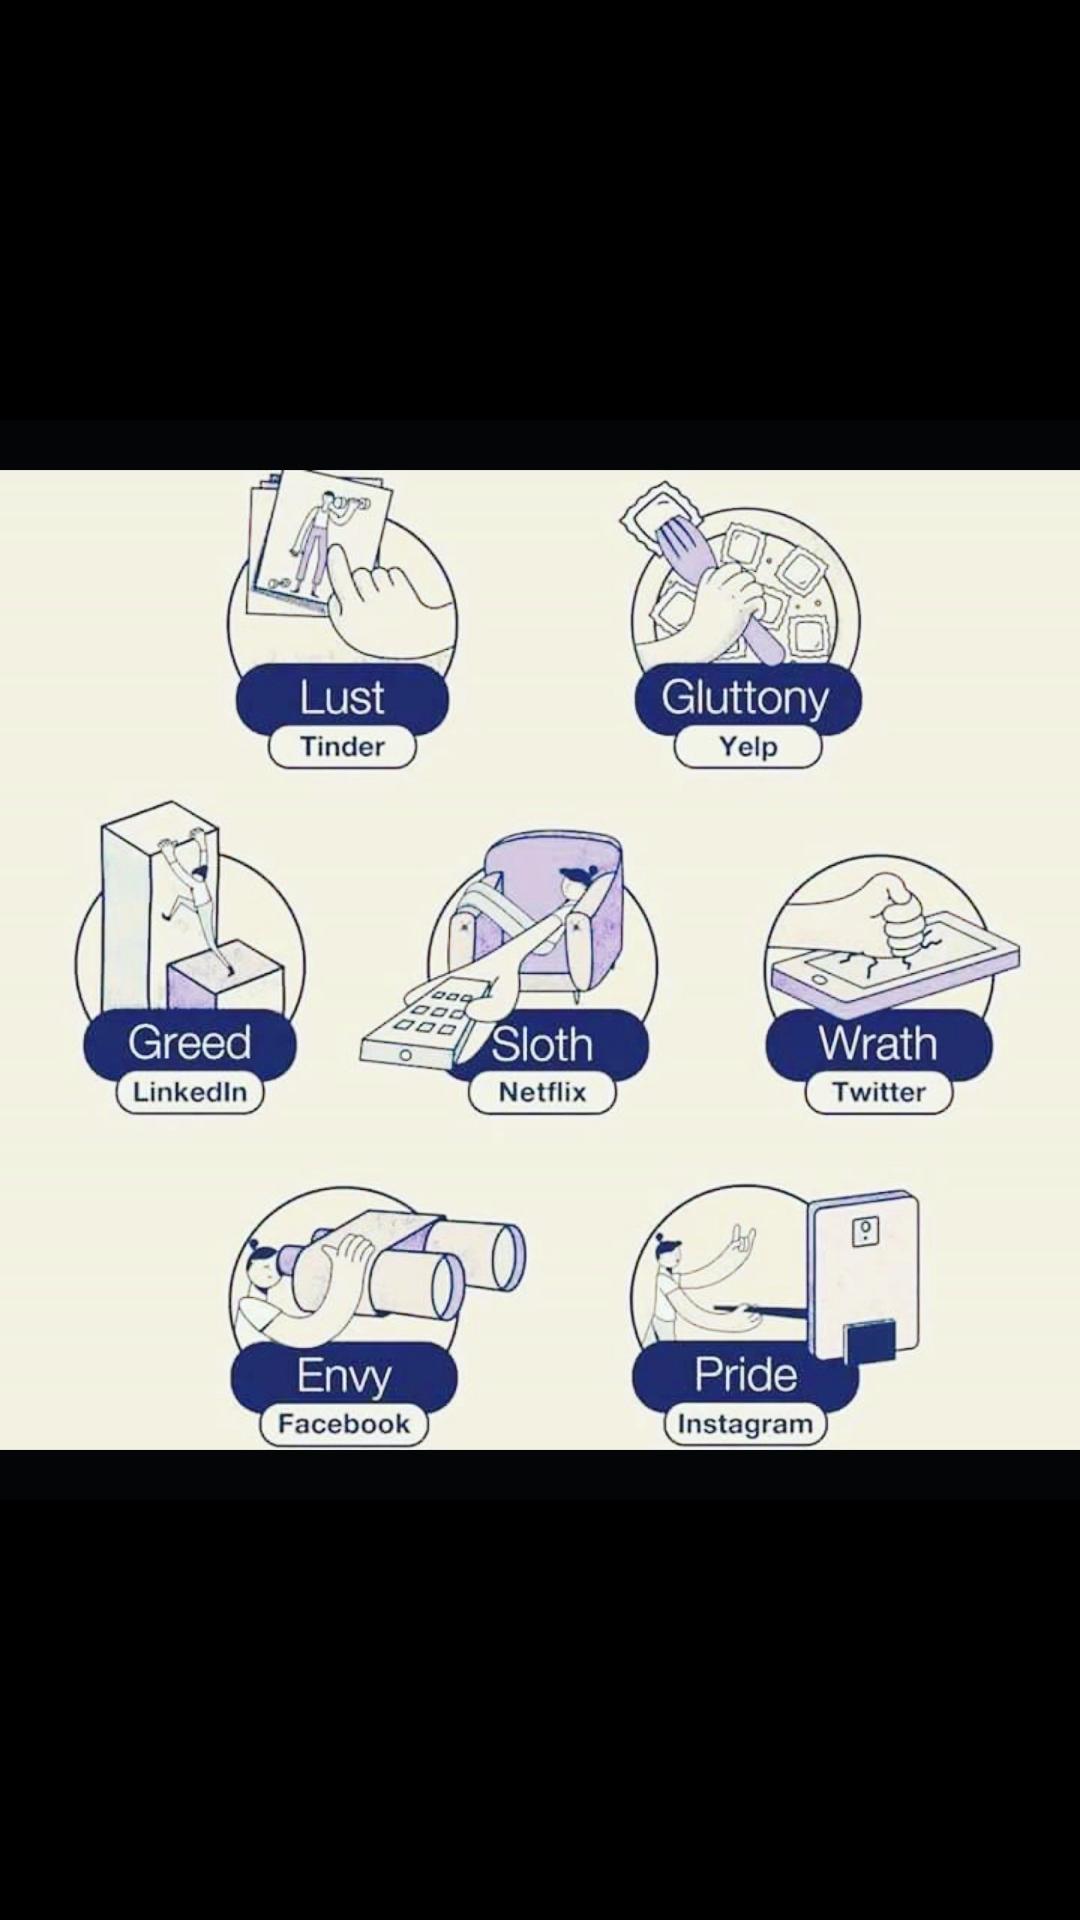 Seven deadly sins as social media